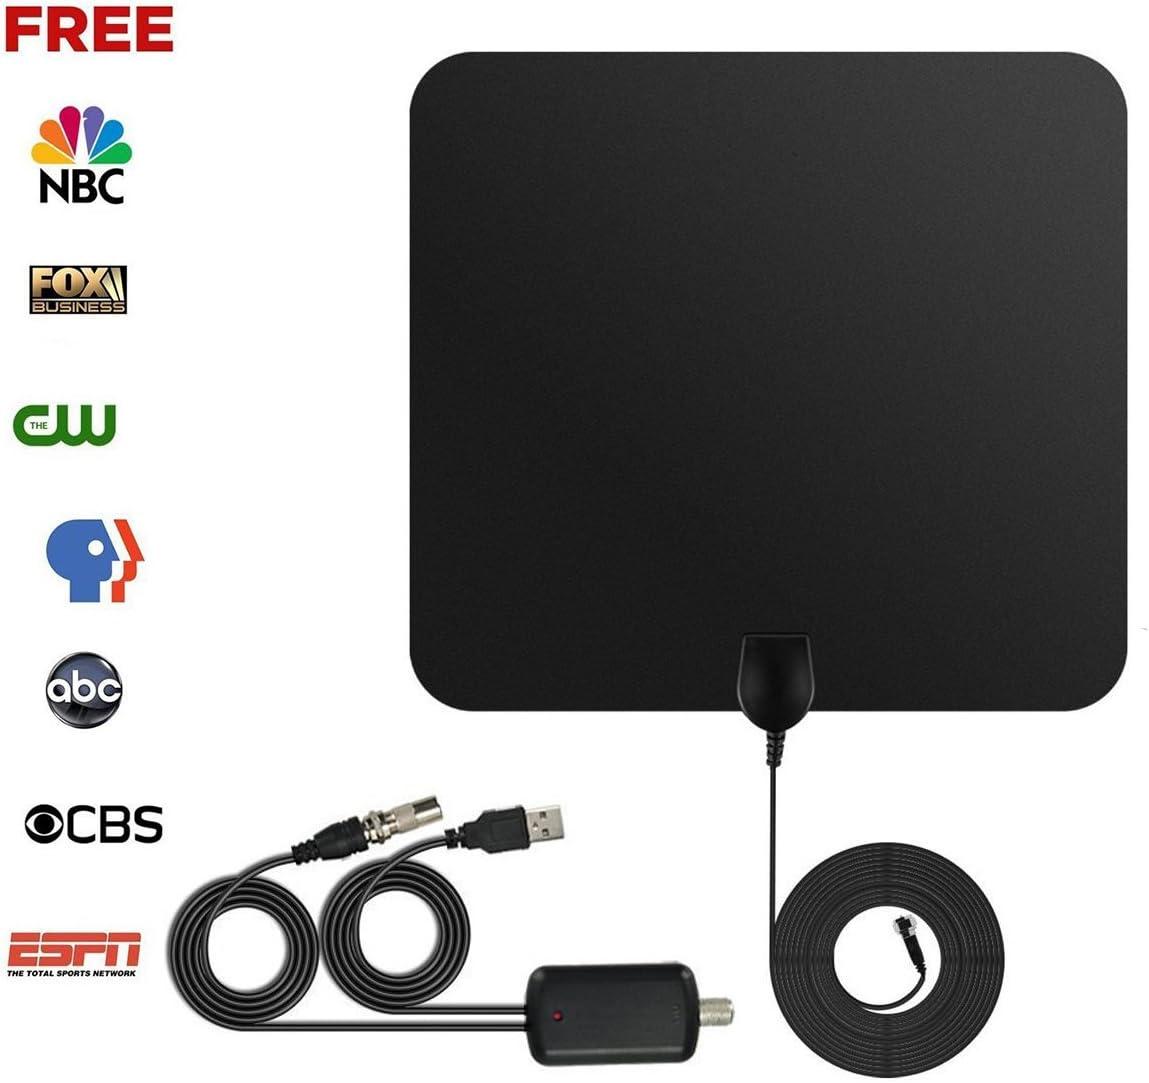 Antena de TV Interior Portátil, Ztyme 50 Millas 1080P con Desmontable Amplificador de Señal y Amplificador Avanzado y Cable Coaxial de 13 Pies: Amazon.es: Electrónica